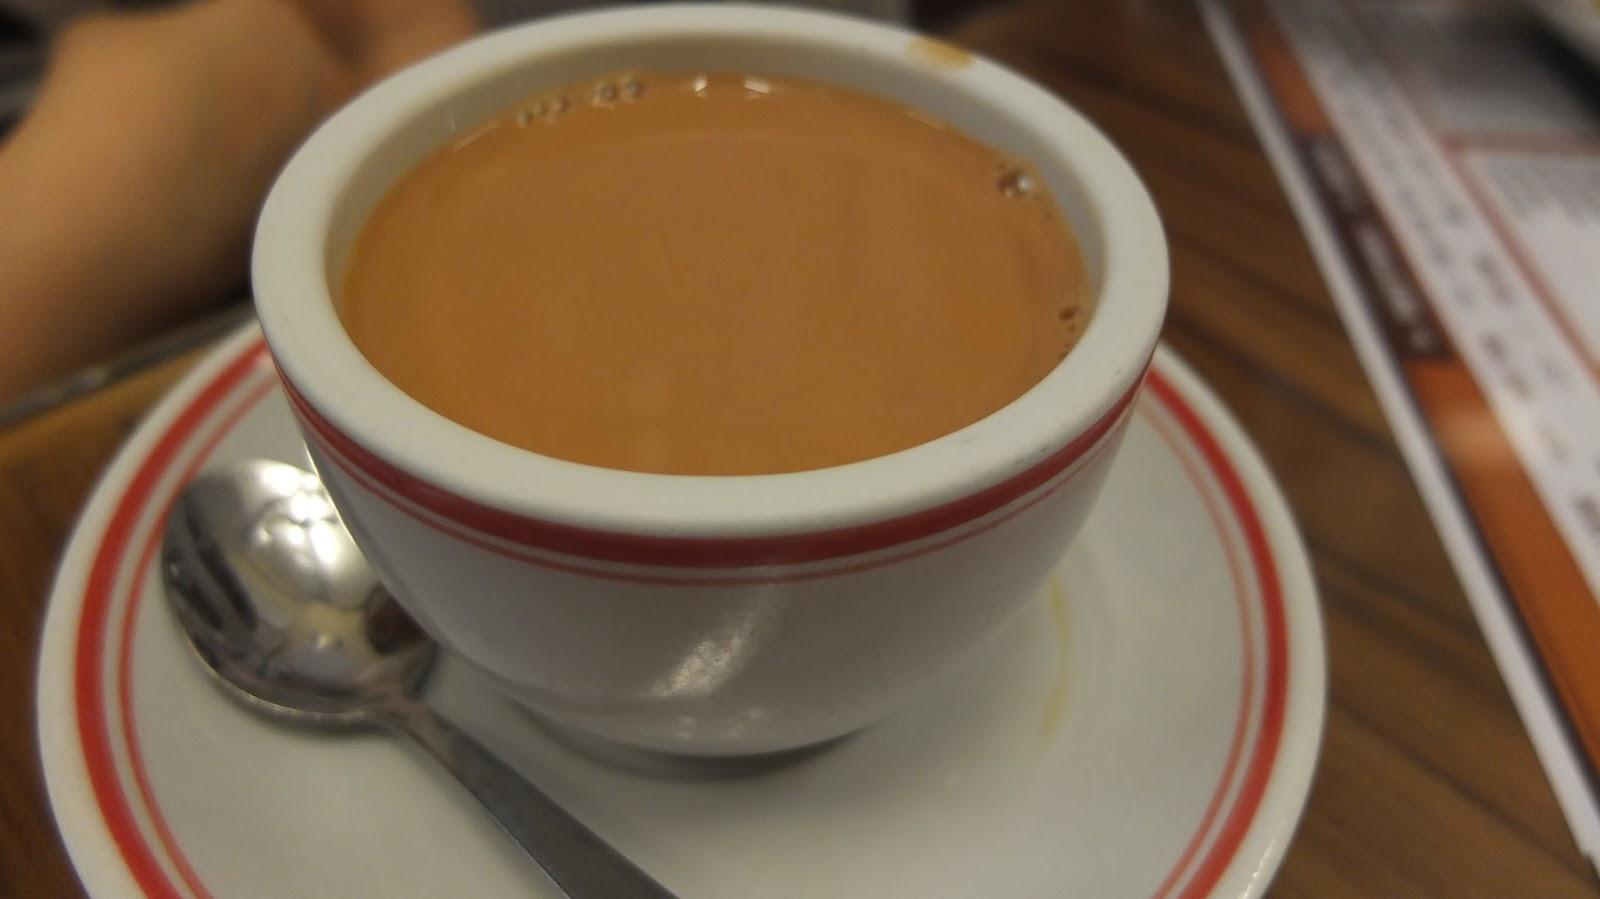 跑馬地 祥興咖啡室 老字號 明星 茶餐廳 奶茶